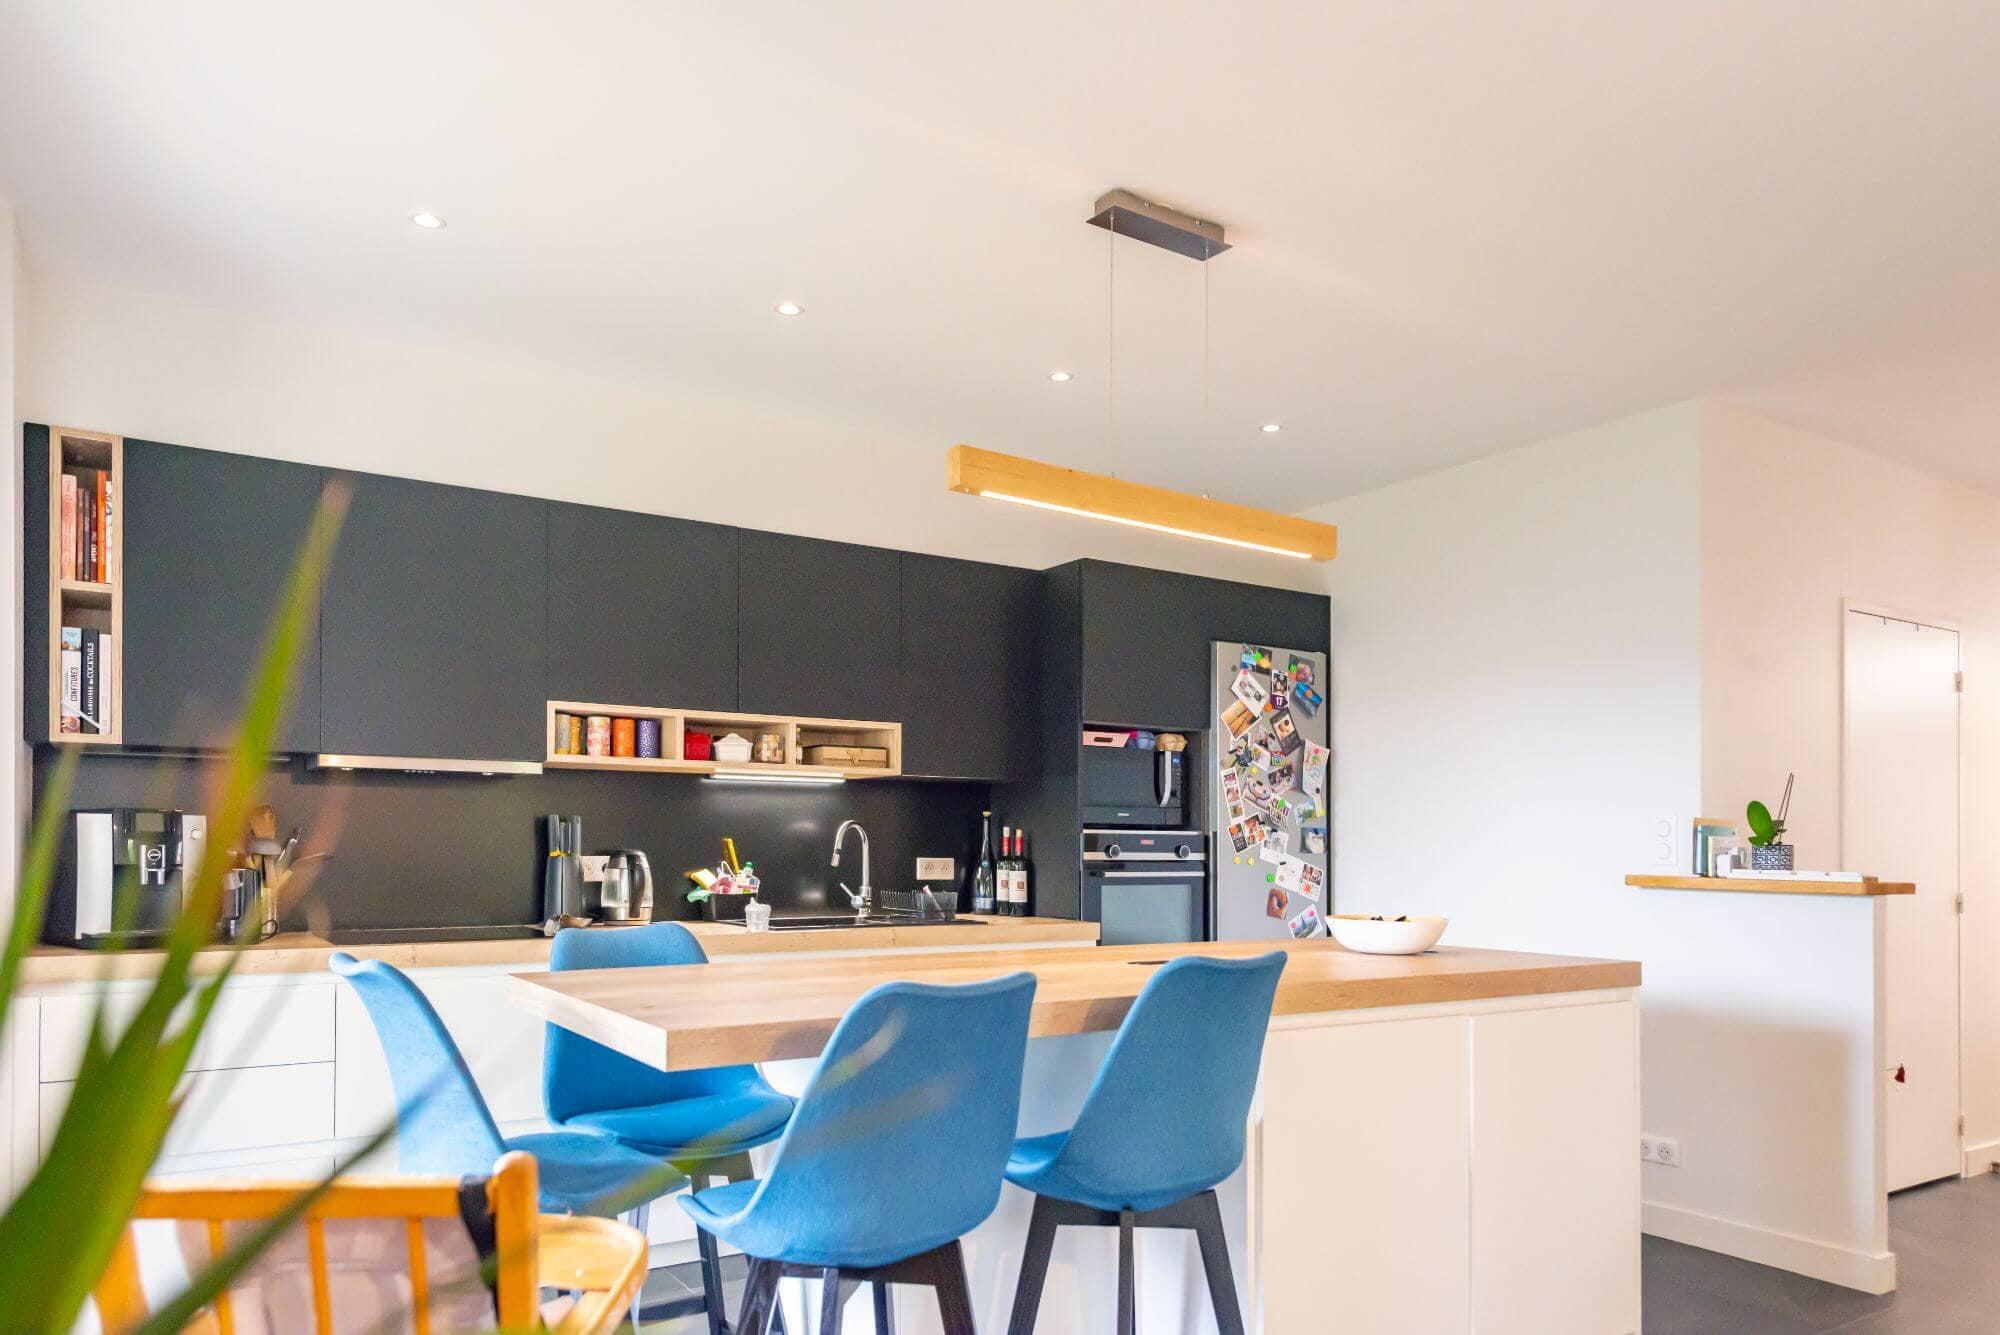 Cuisine, Peinture, Architecte d'intérieur